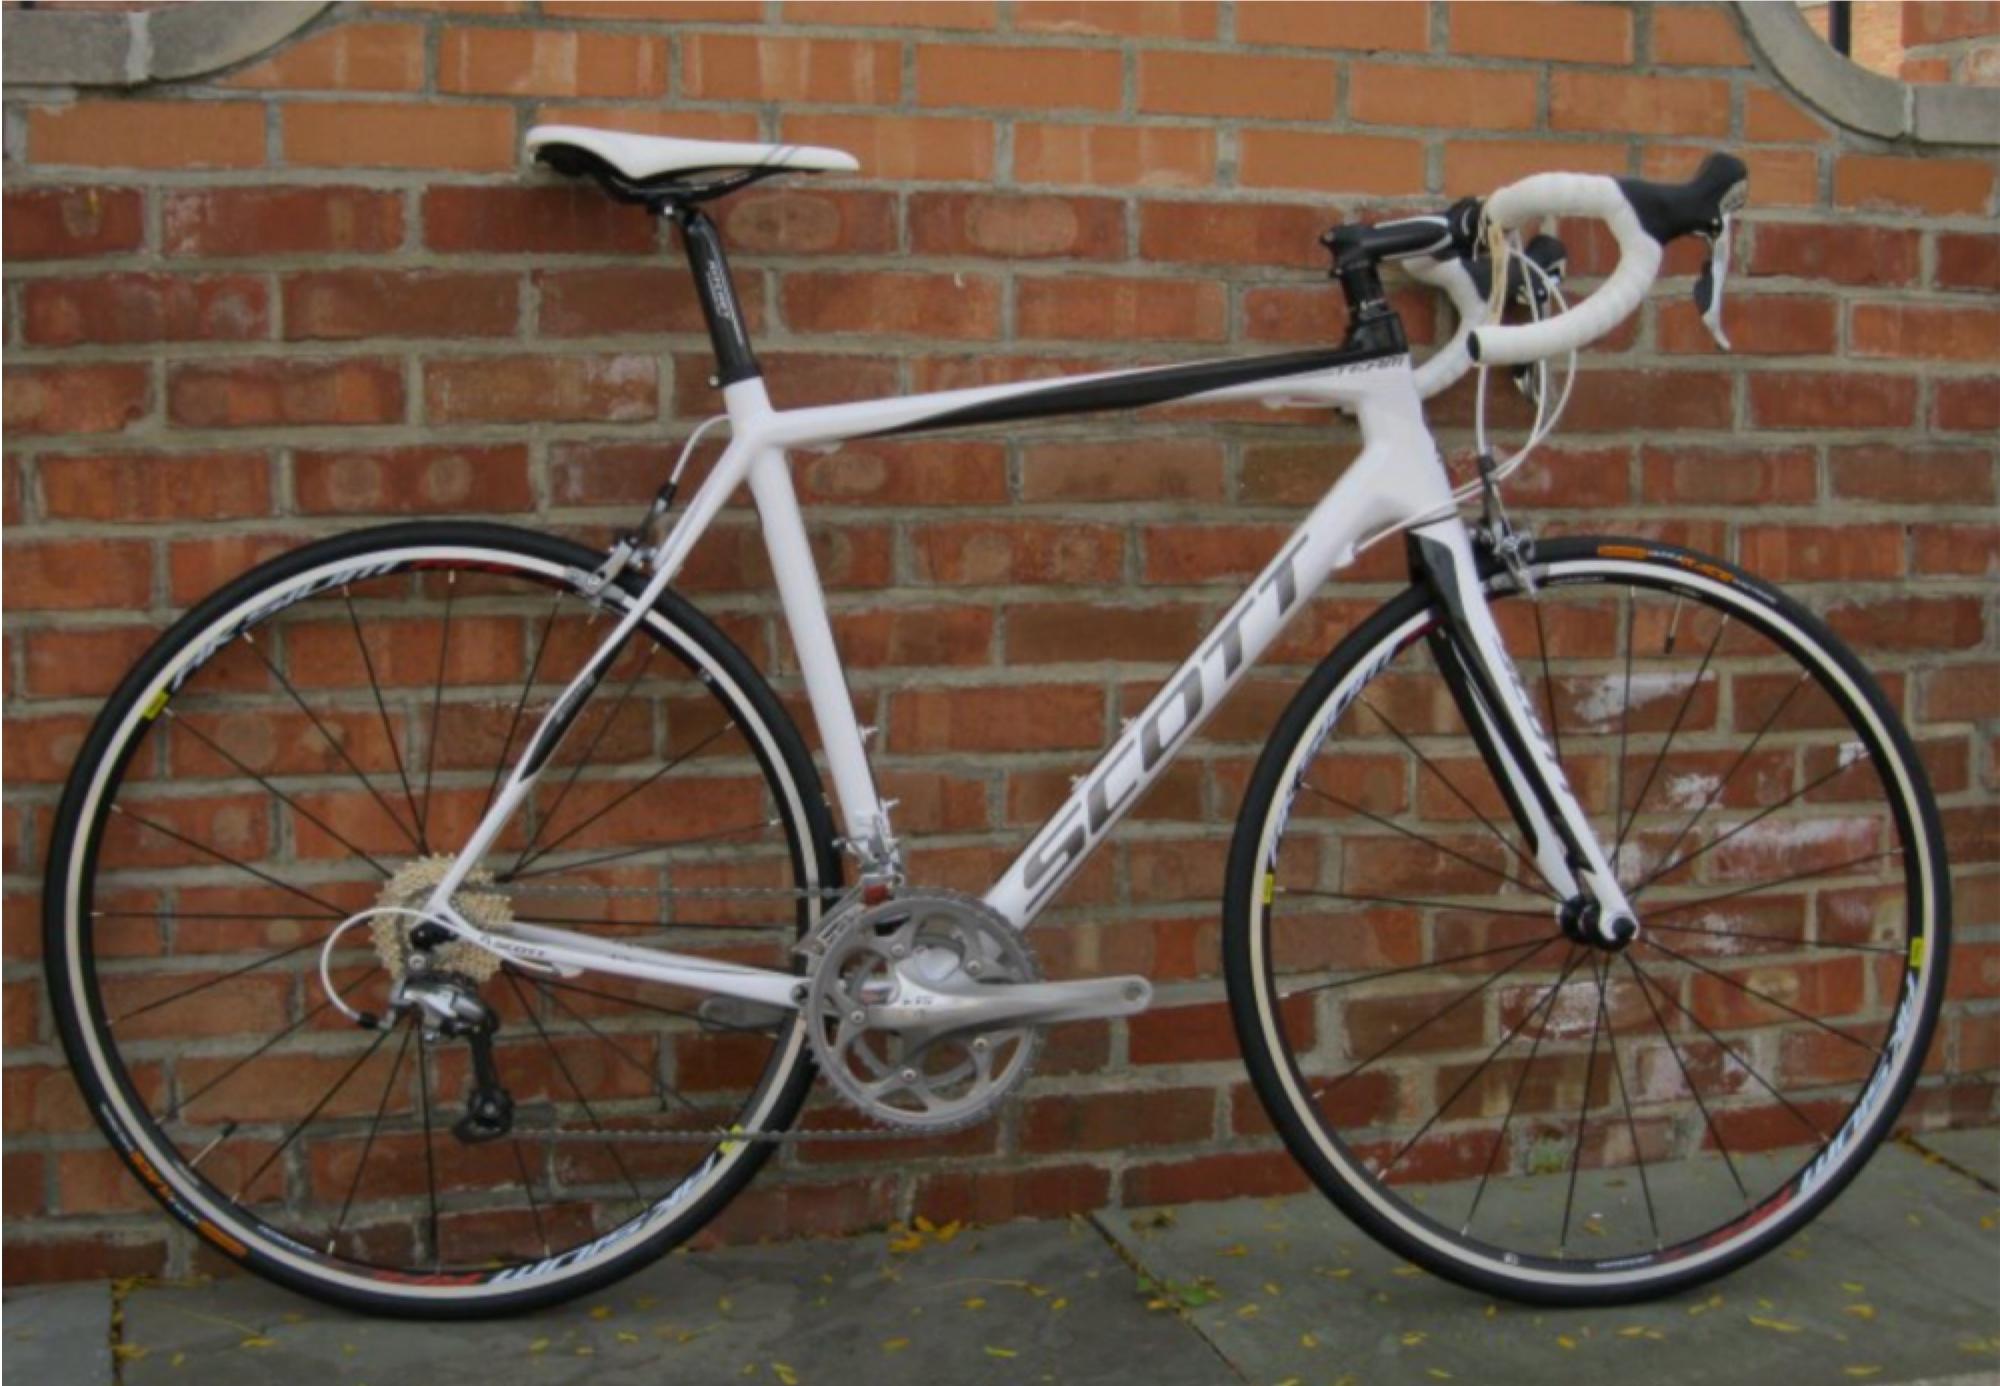 police seek help finding bike burglar caught on video in